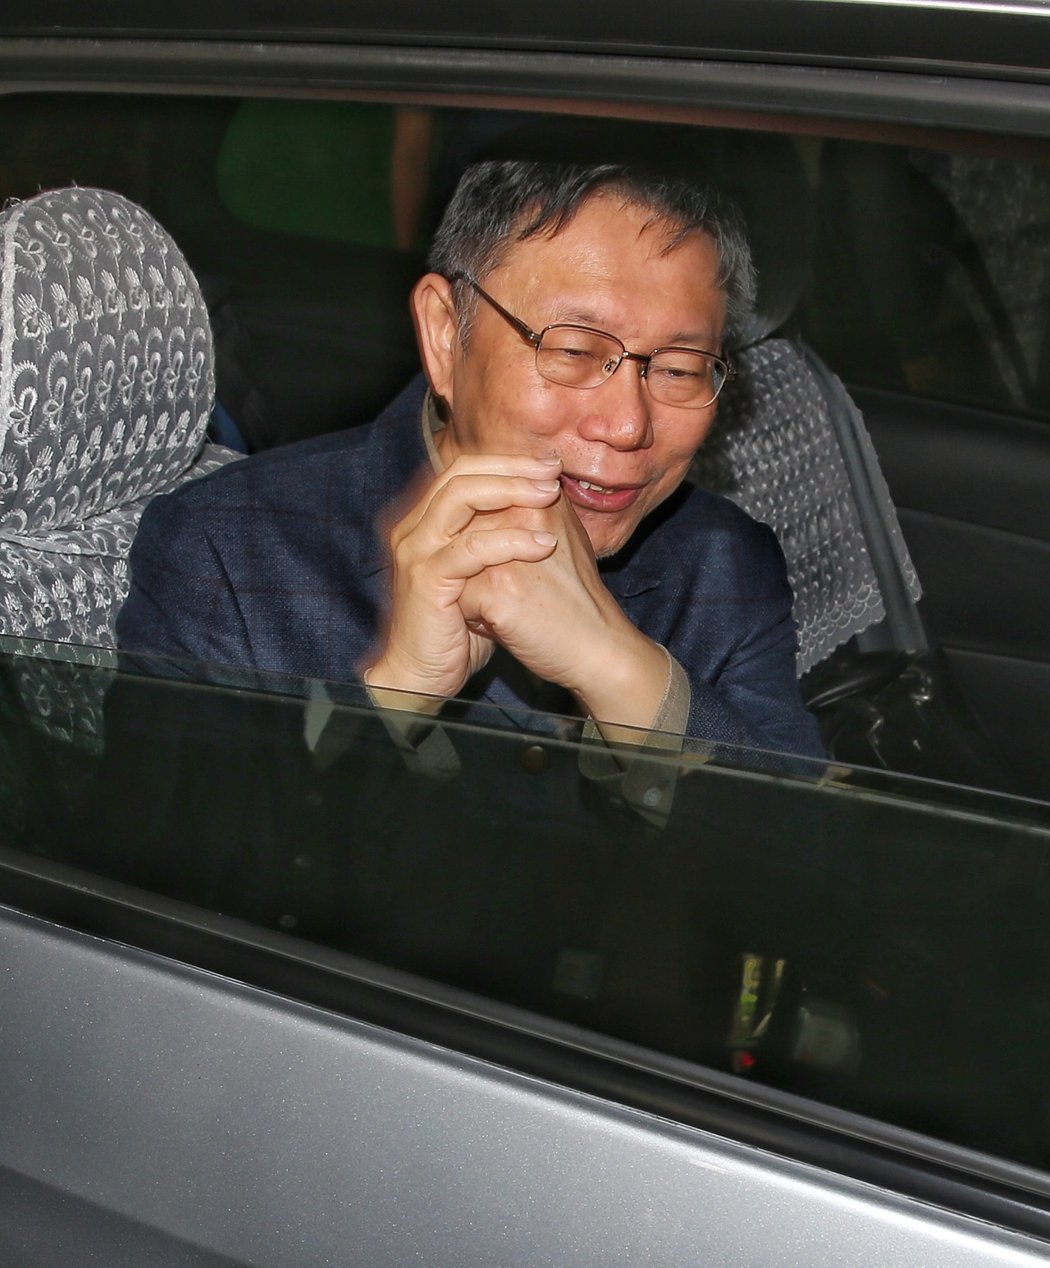 柯文哲說,離選舉還有10個月以上,還有很多時間可以處理。記者鄭清元/攝影